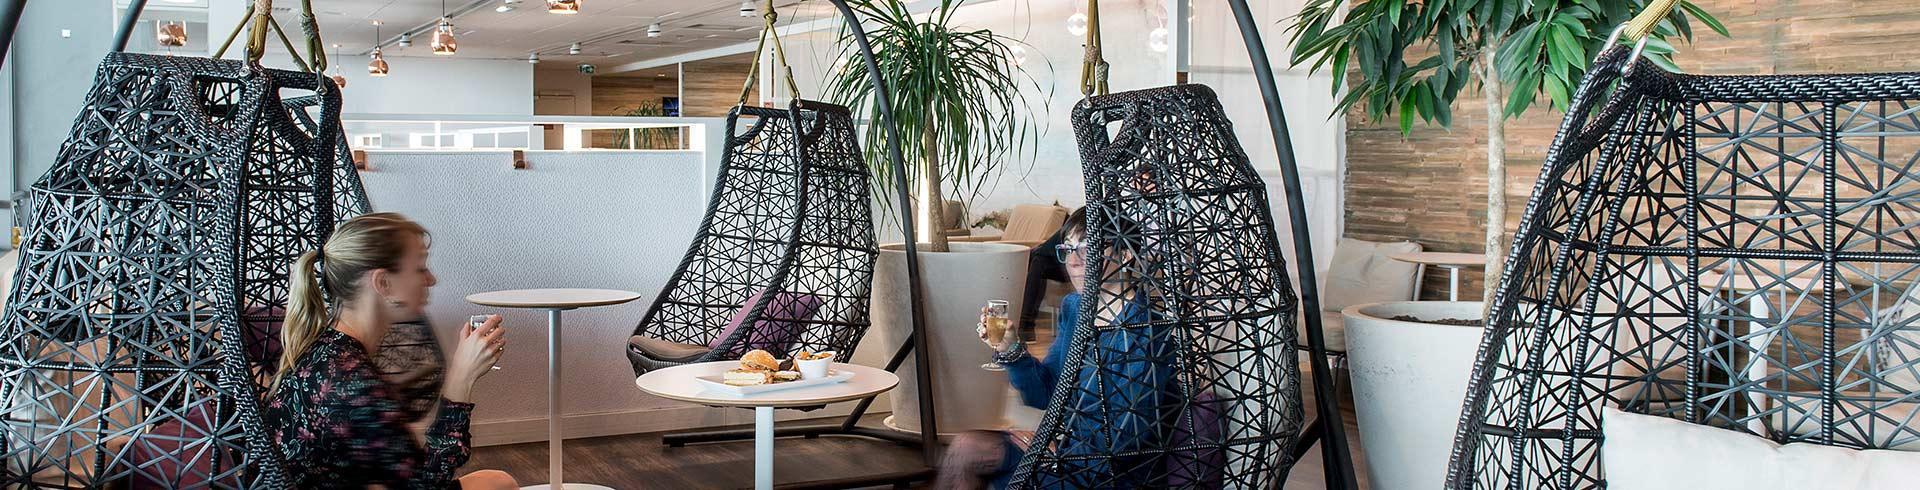 Salon Infinity Aéroport de Nice